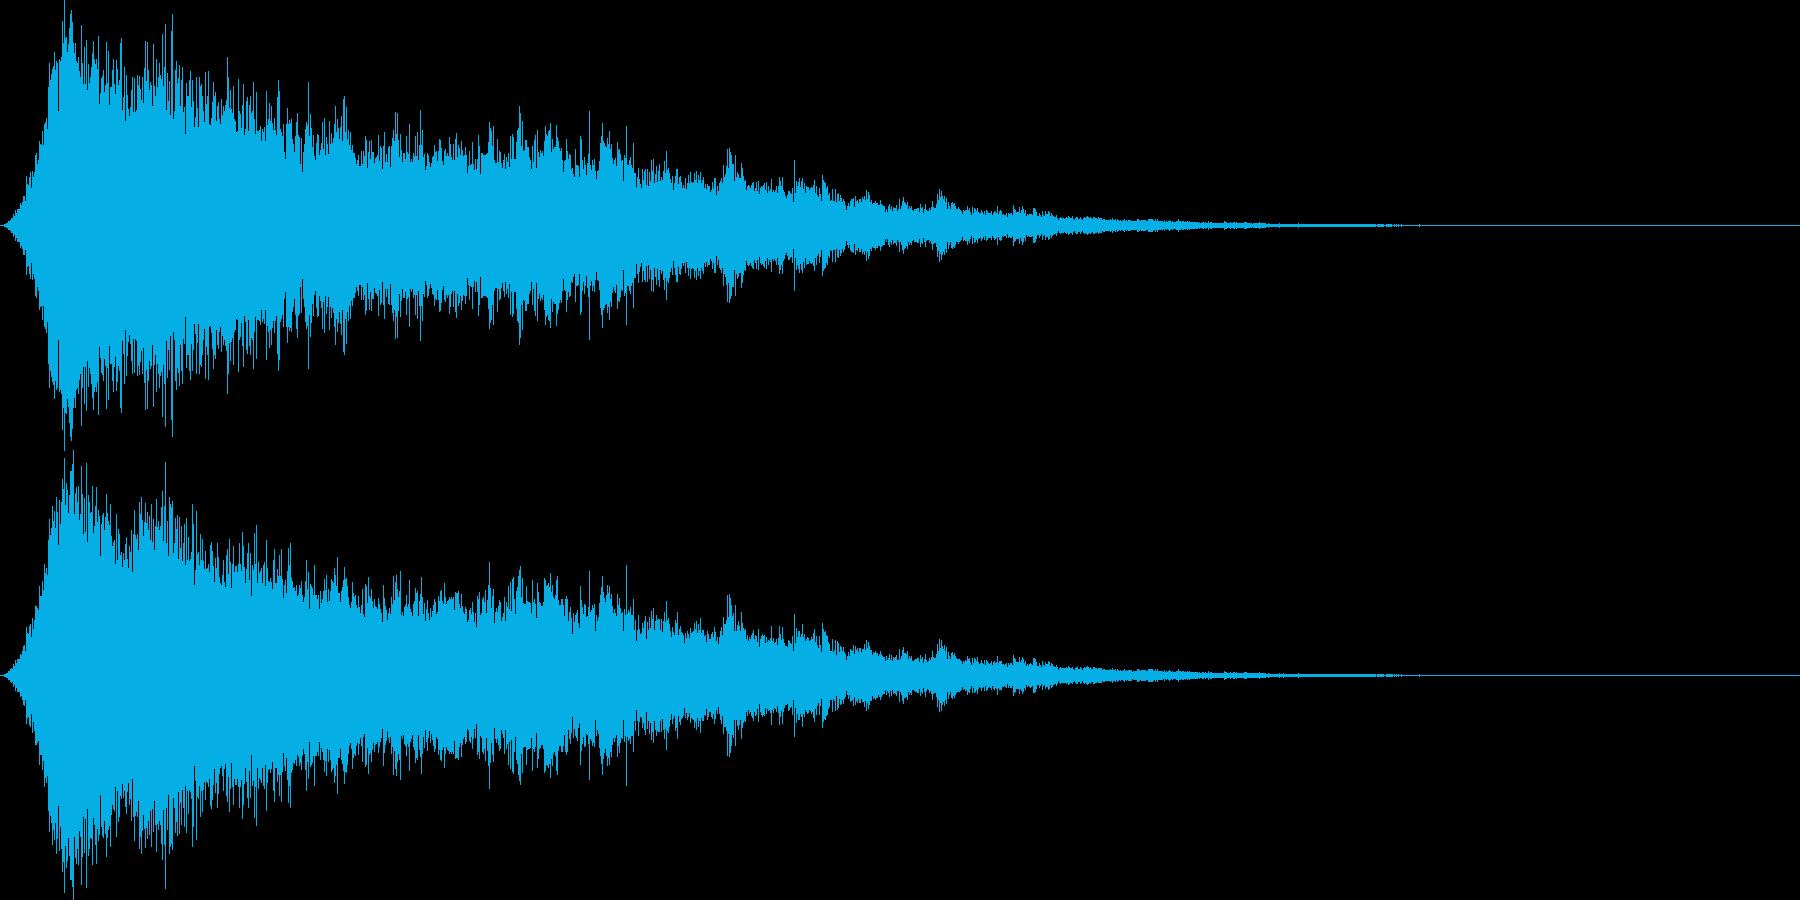 光魔法キラーンシャーンの再生済みの波形